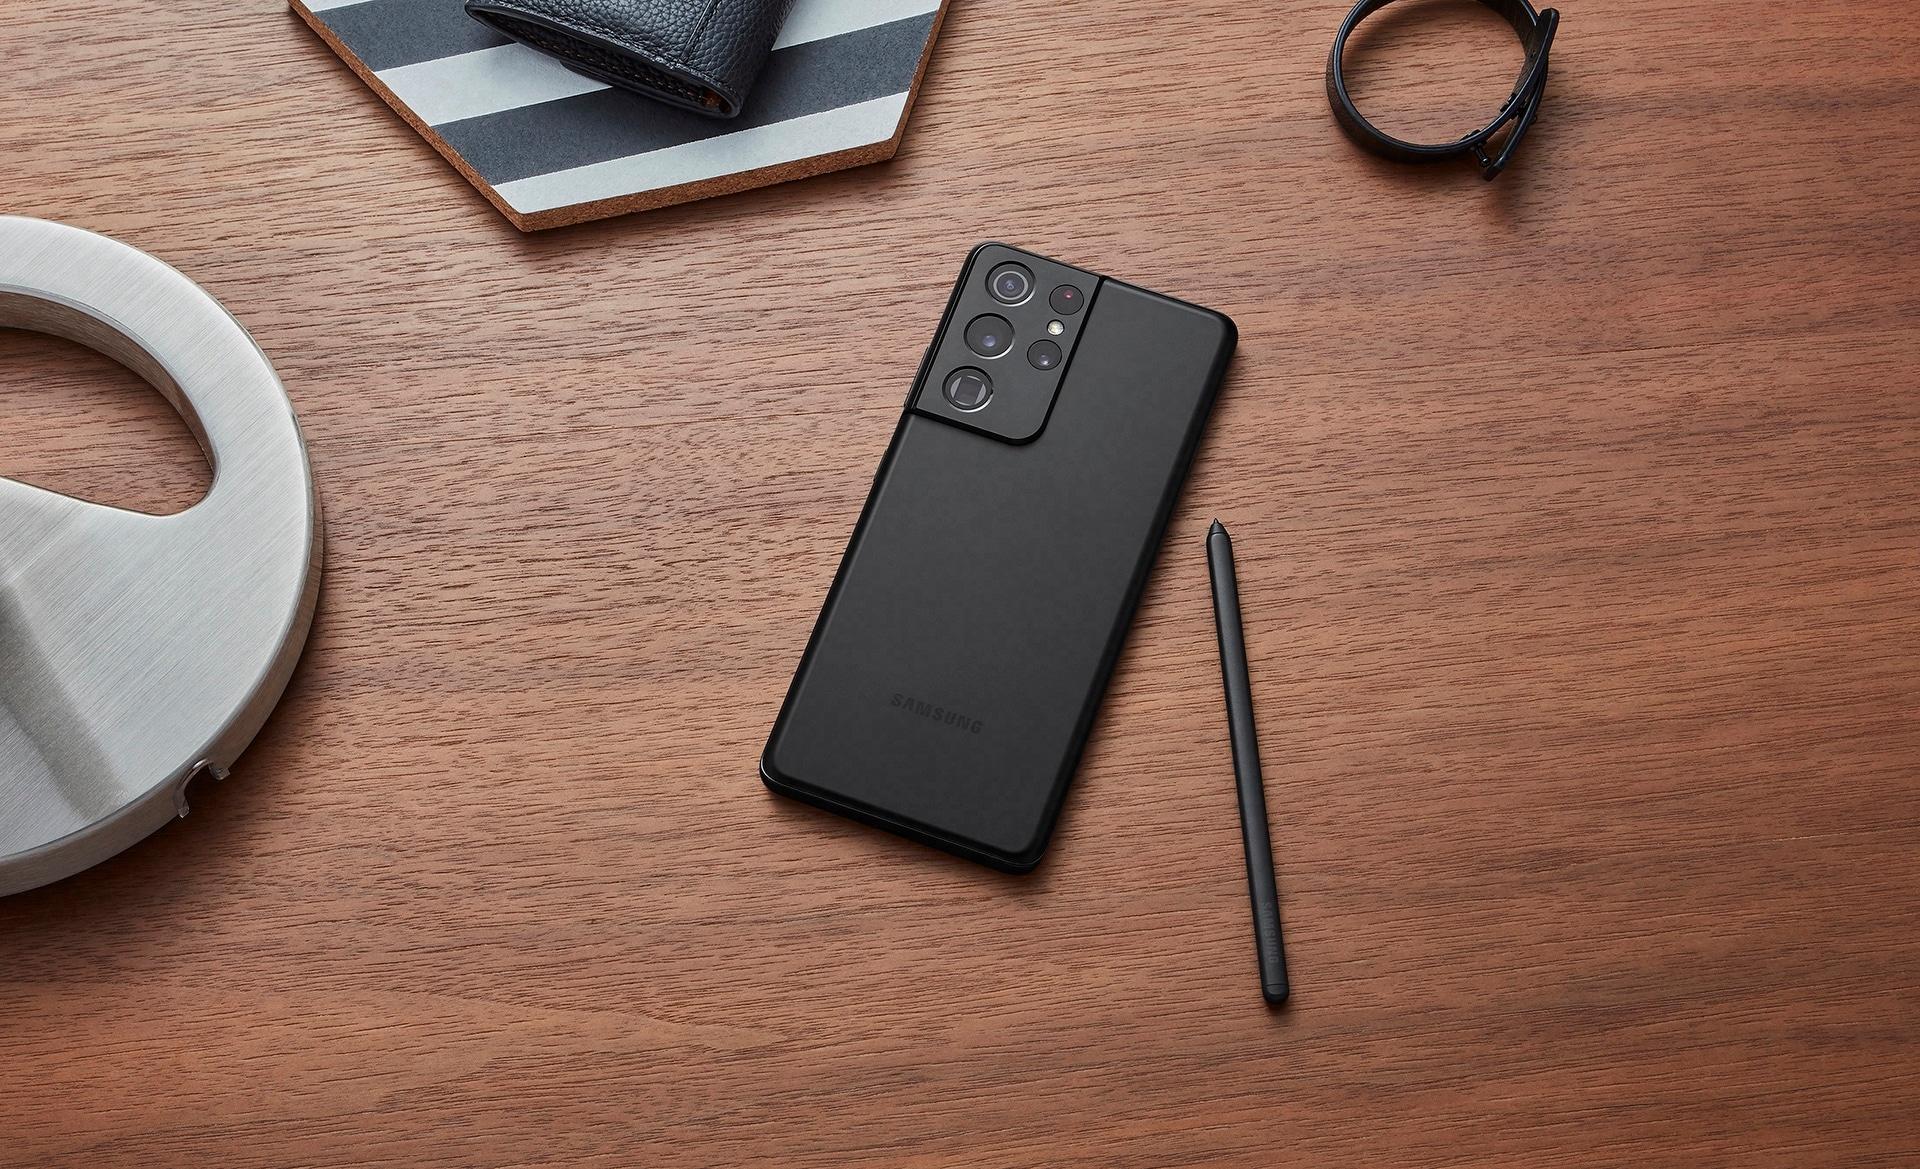 Nuova Offerta Amazon per Galaxy S21 Ultra 5G: sconto al check-out di ben 150€